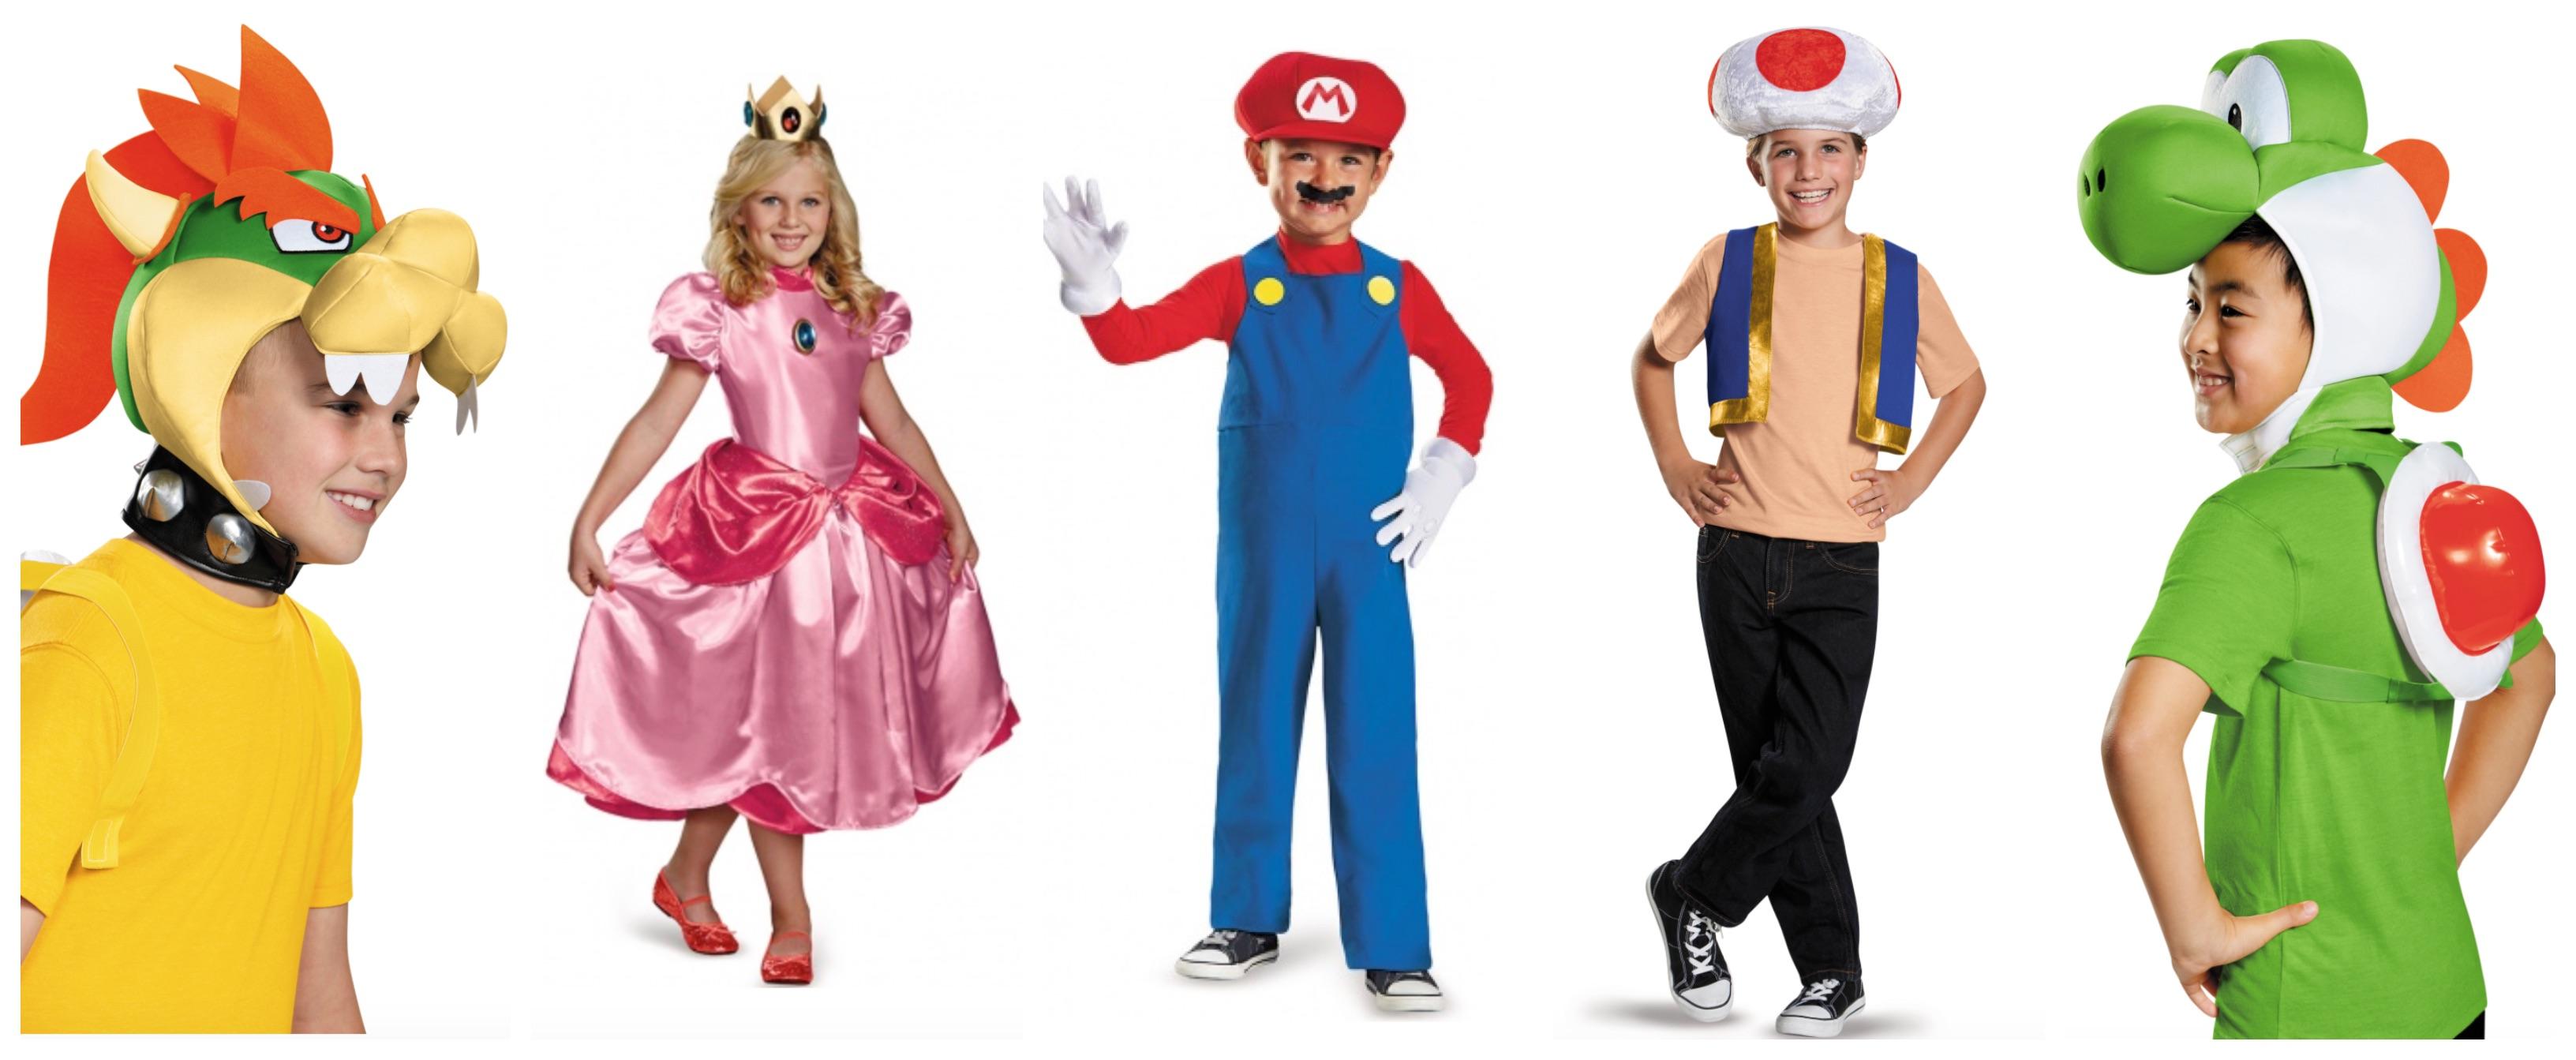 super mario kostume til børn - Super Mario kostume til børn